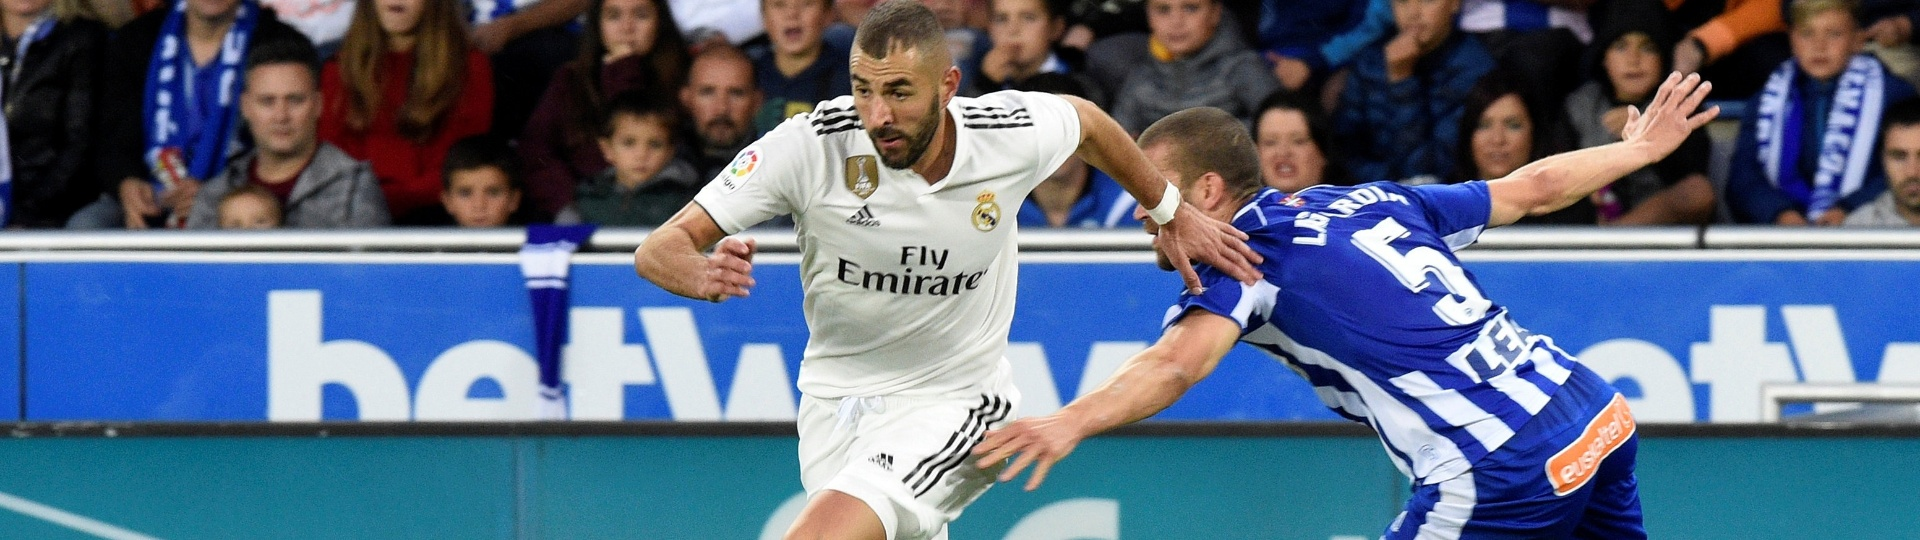 Benzema briga pela bola durante Alavés x Real Madrid, neste sábado (6)